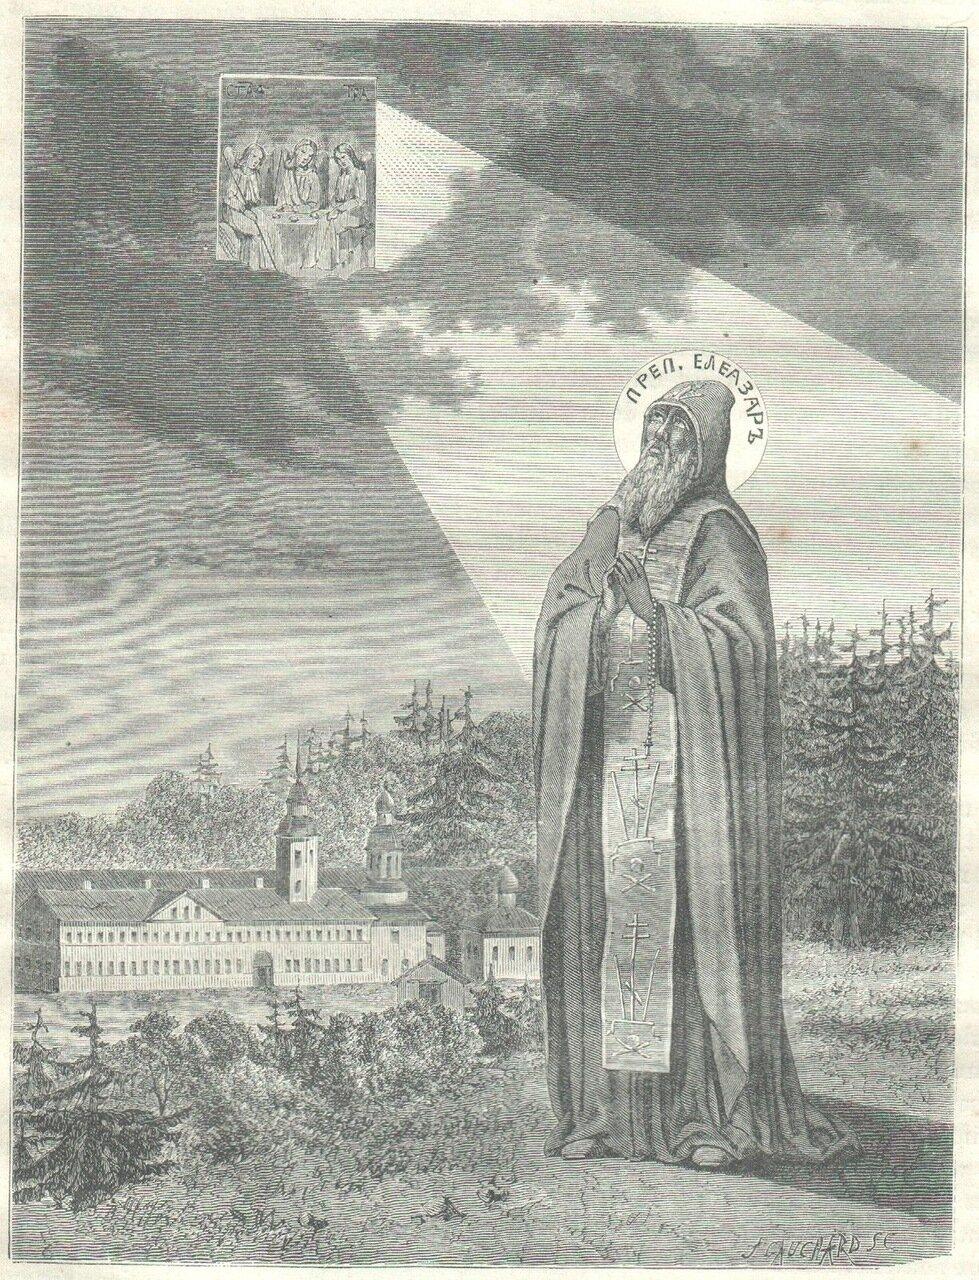 1872. Елеазар Анзерский, преподобный Русской церкви, основатель Свято-Троицкого Анзерского скита Соловецкого монастыря